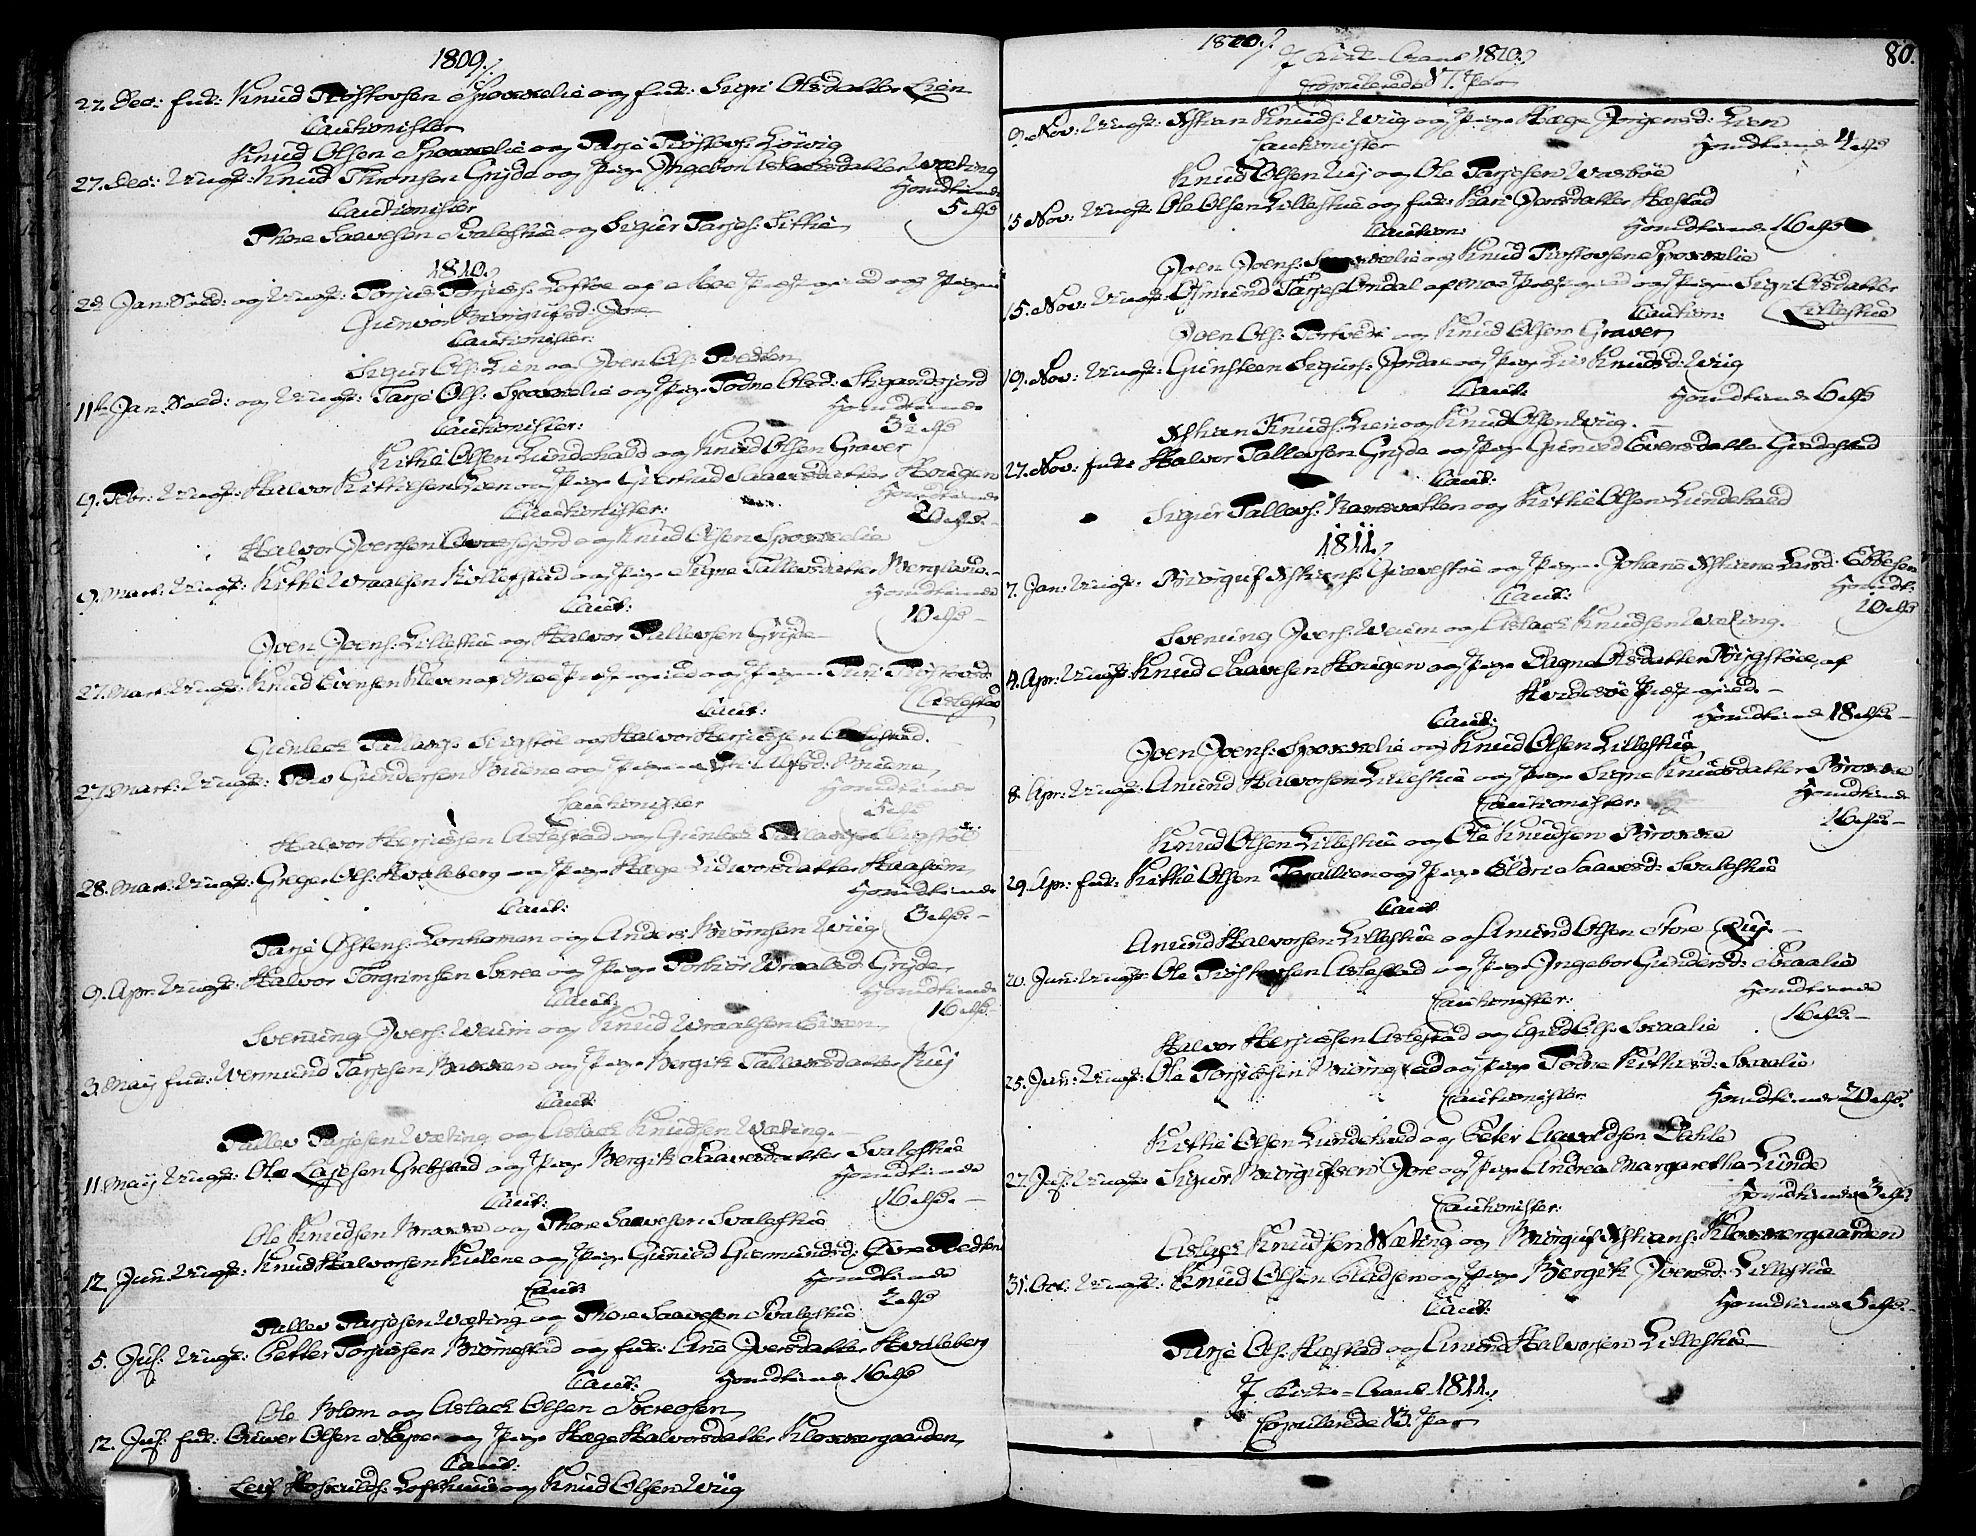 SAKO, Fyresdal kirkebøker, F/Fa/L0002: Ministerialbok nr. I 2, 1769-1814, s. 80